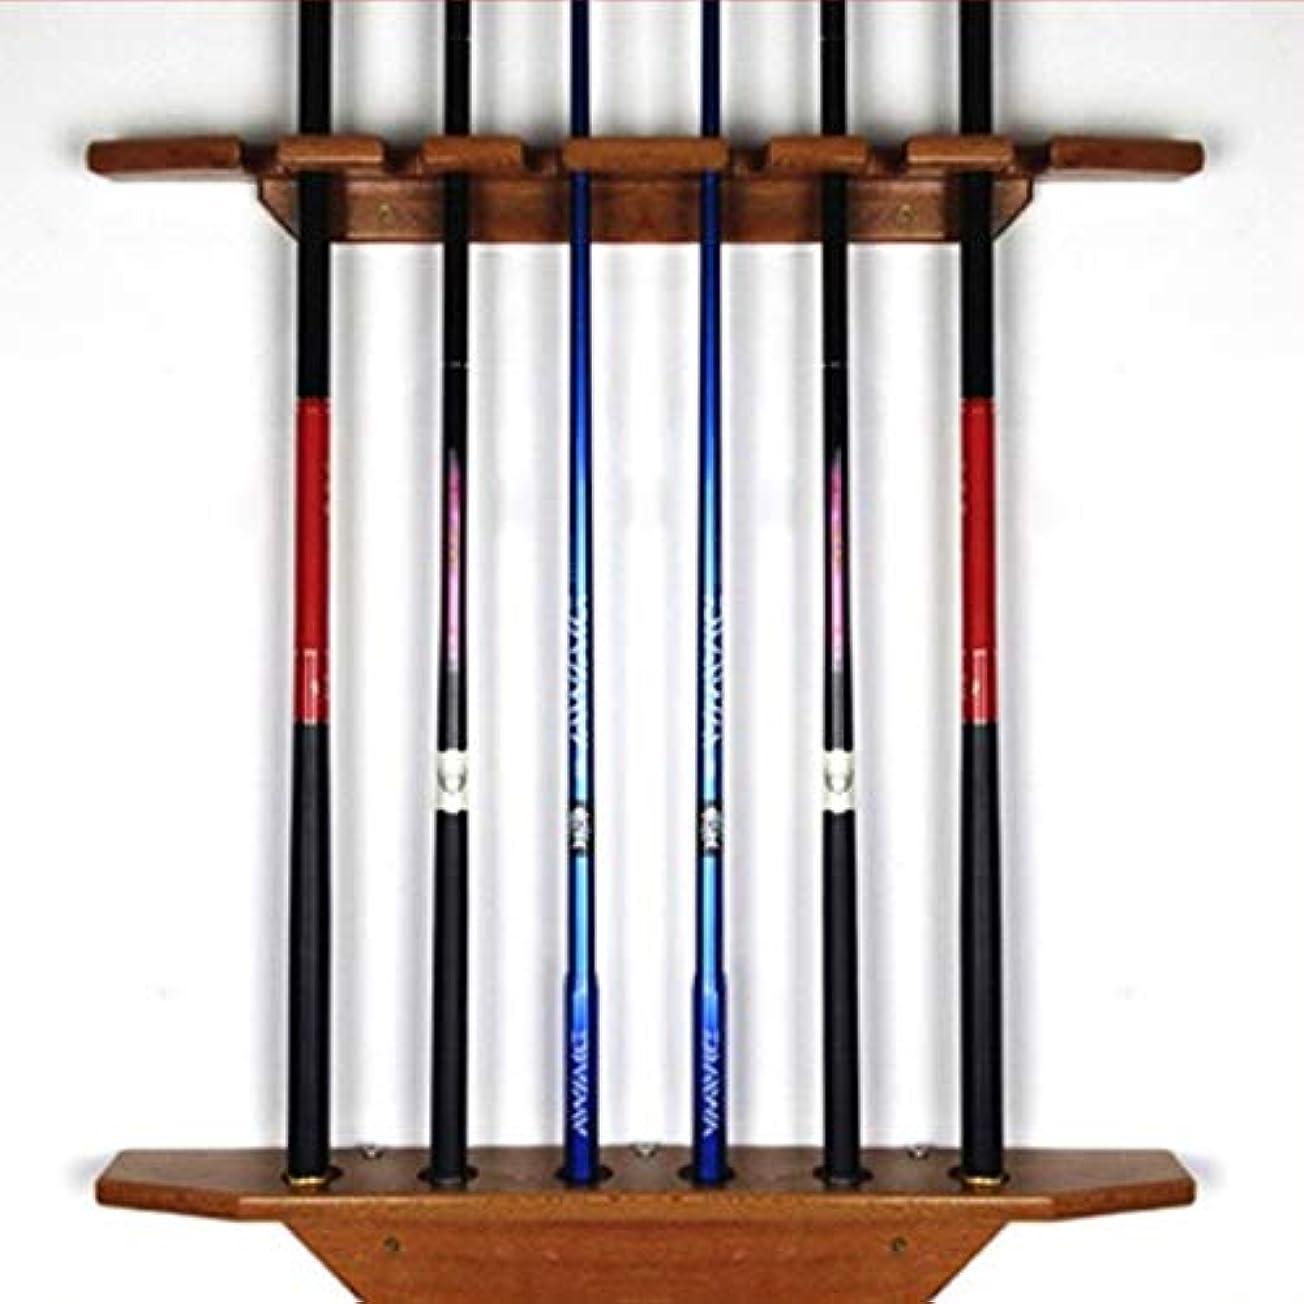 サイト防ぐ生命体【SealGear】 ロッドスタンド 釣り竿 スタンド 竿立て 組み立て 木製